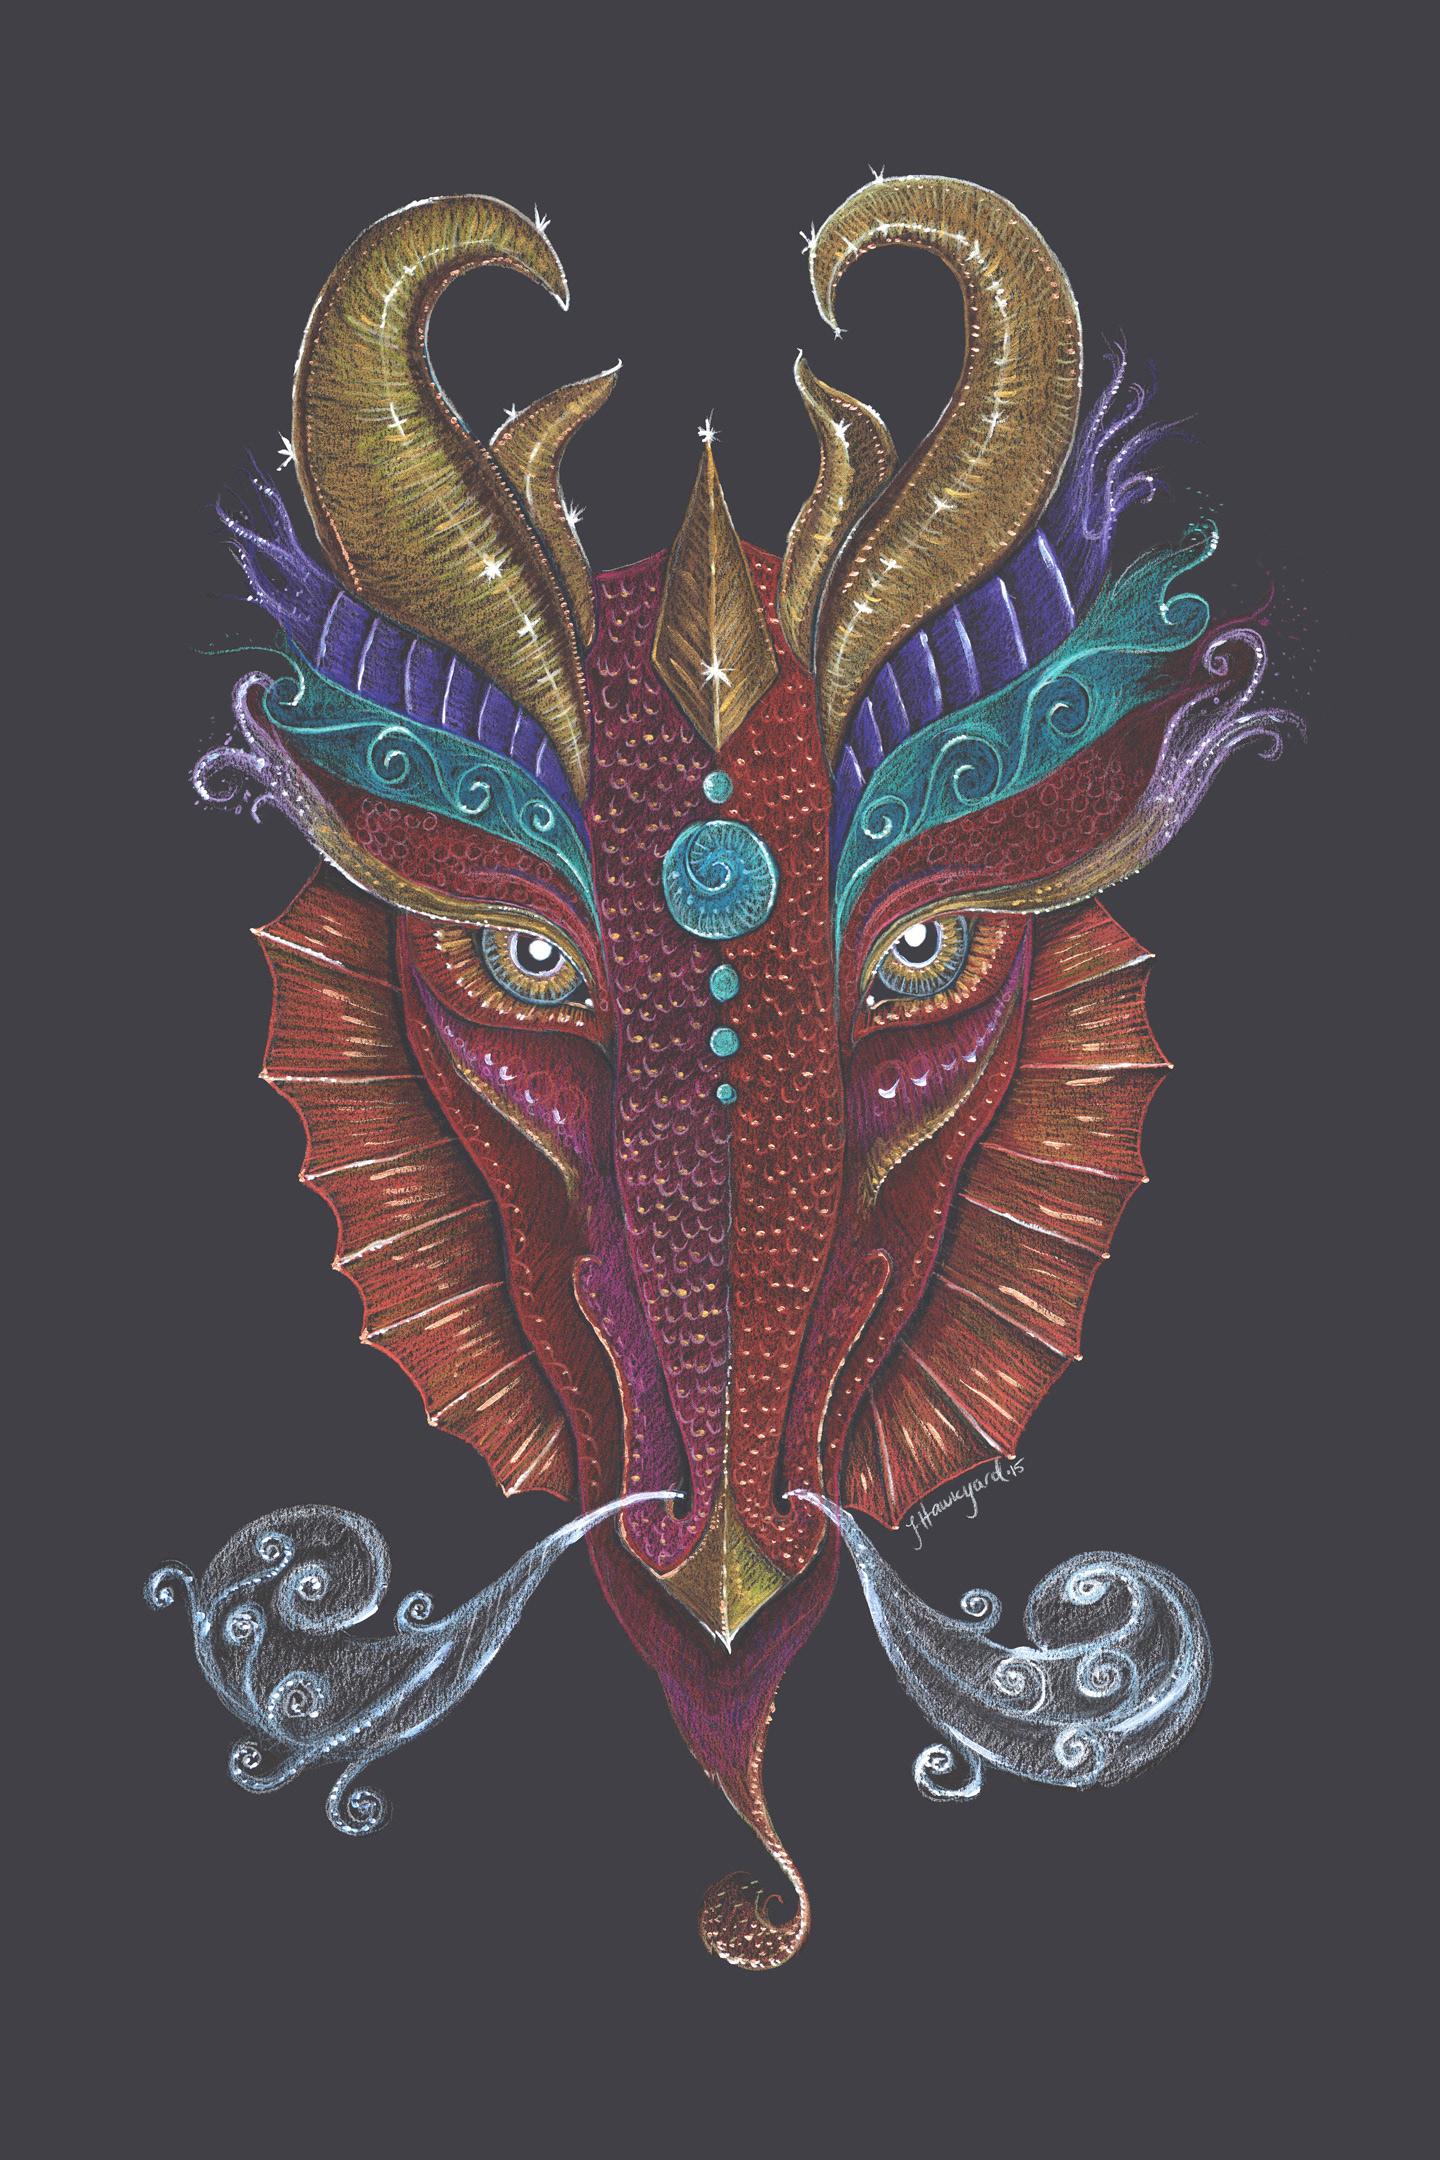 jennifer hawkyard art u0026 illustration